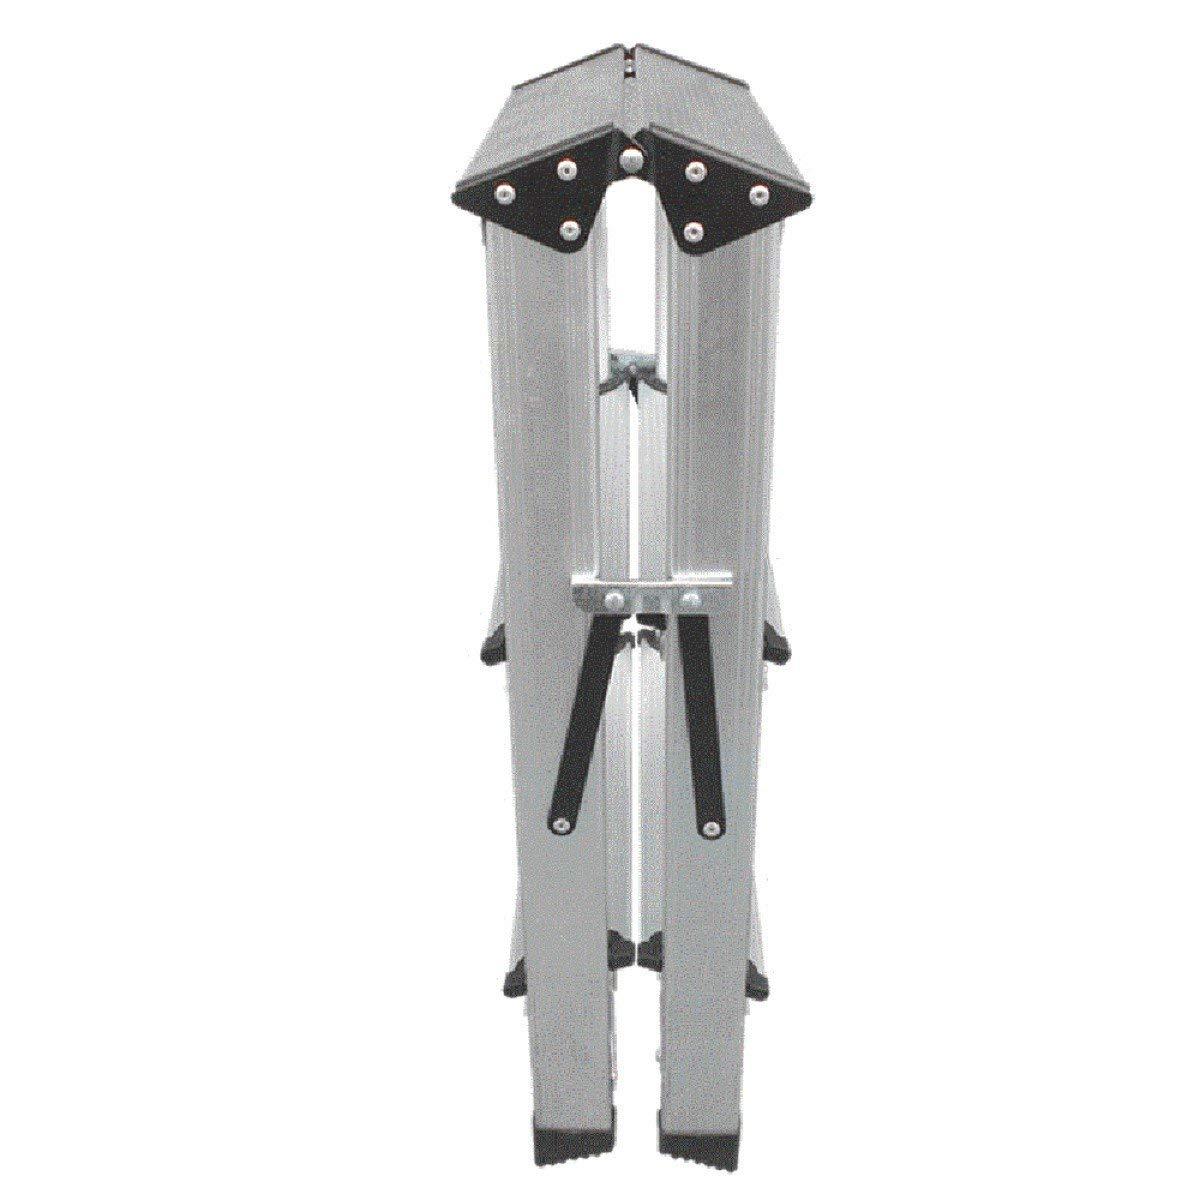 Se de Alliage Chaise Multifonctionnel d d'échelle en rtshQdC